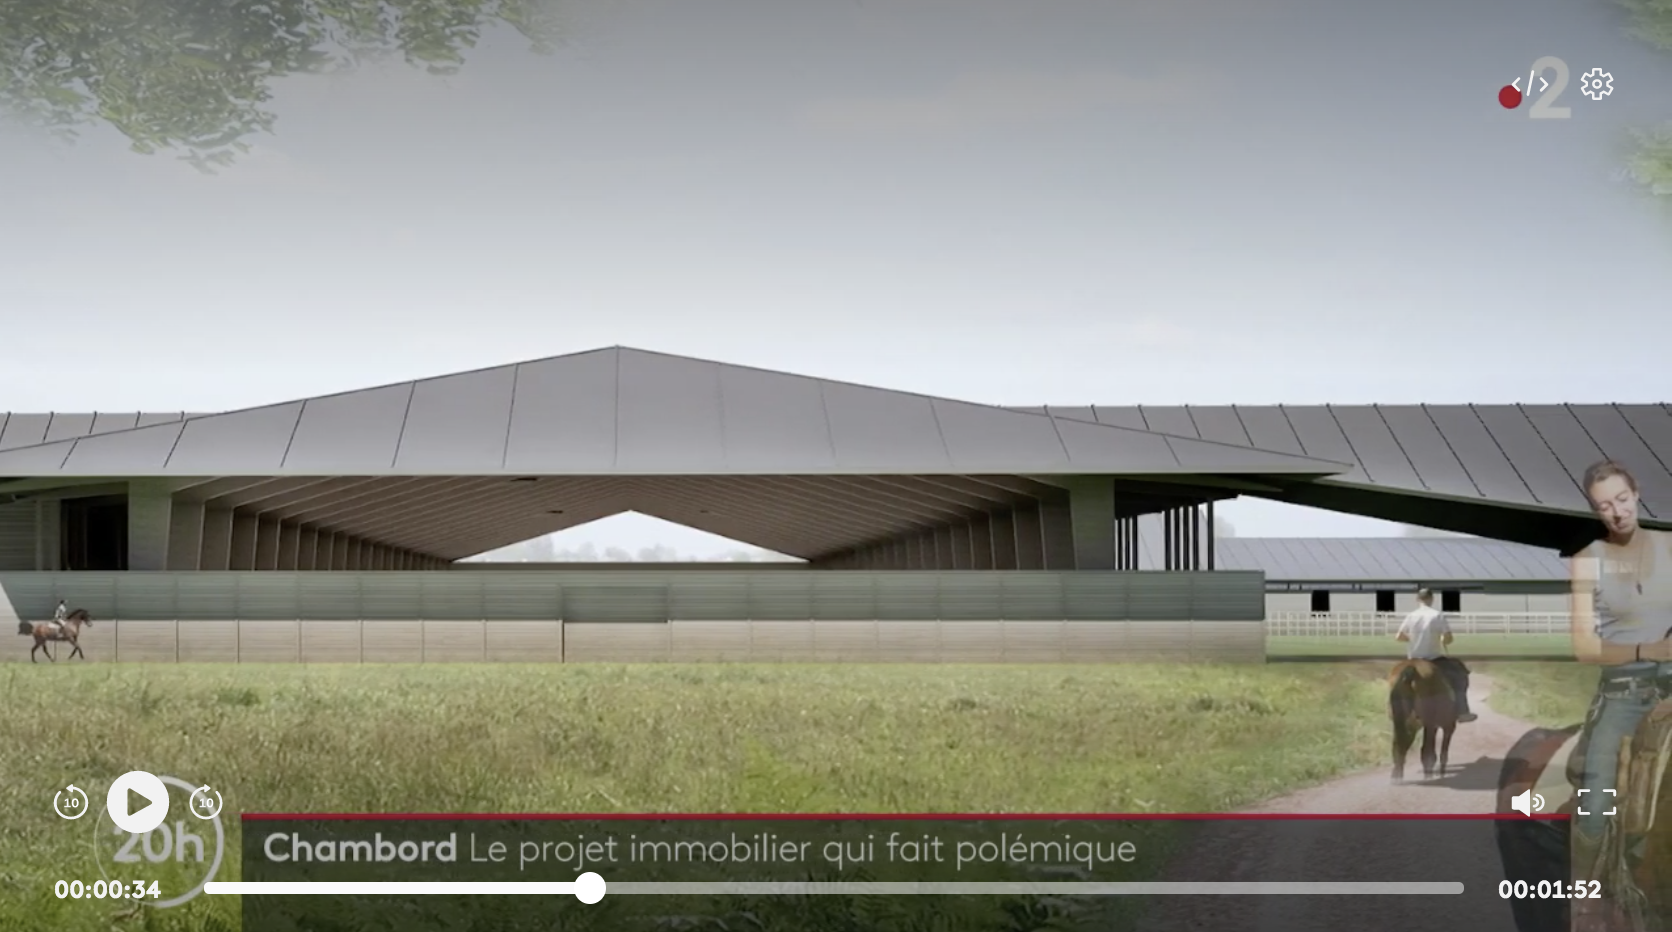 Loir-et-Cher : un gigantesque et hideux projet immobilier pour nouveaux riches fait polémique à Chambord (VIDÉO)